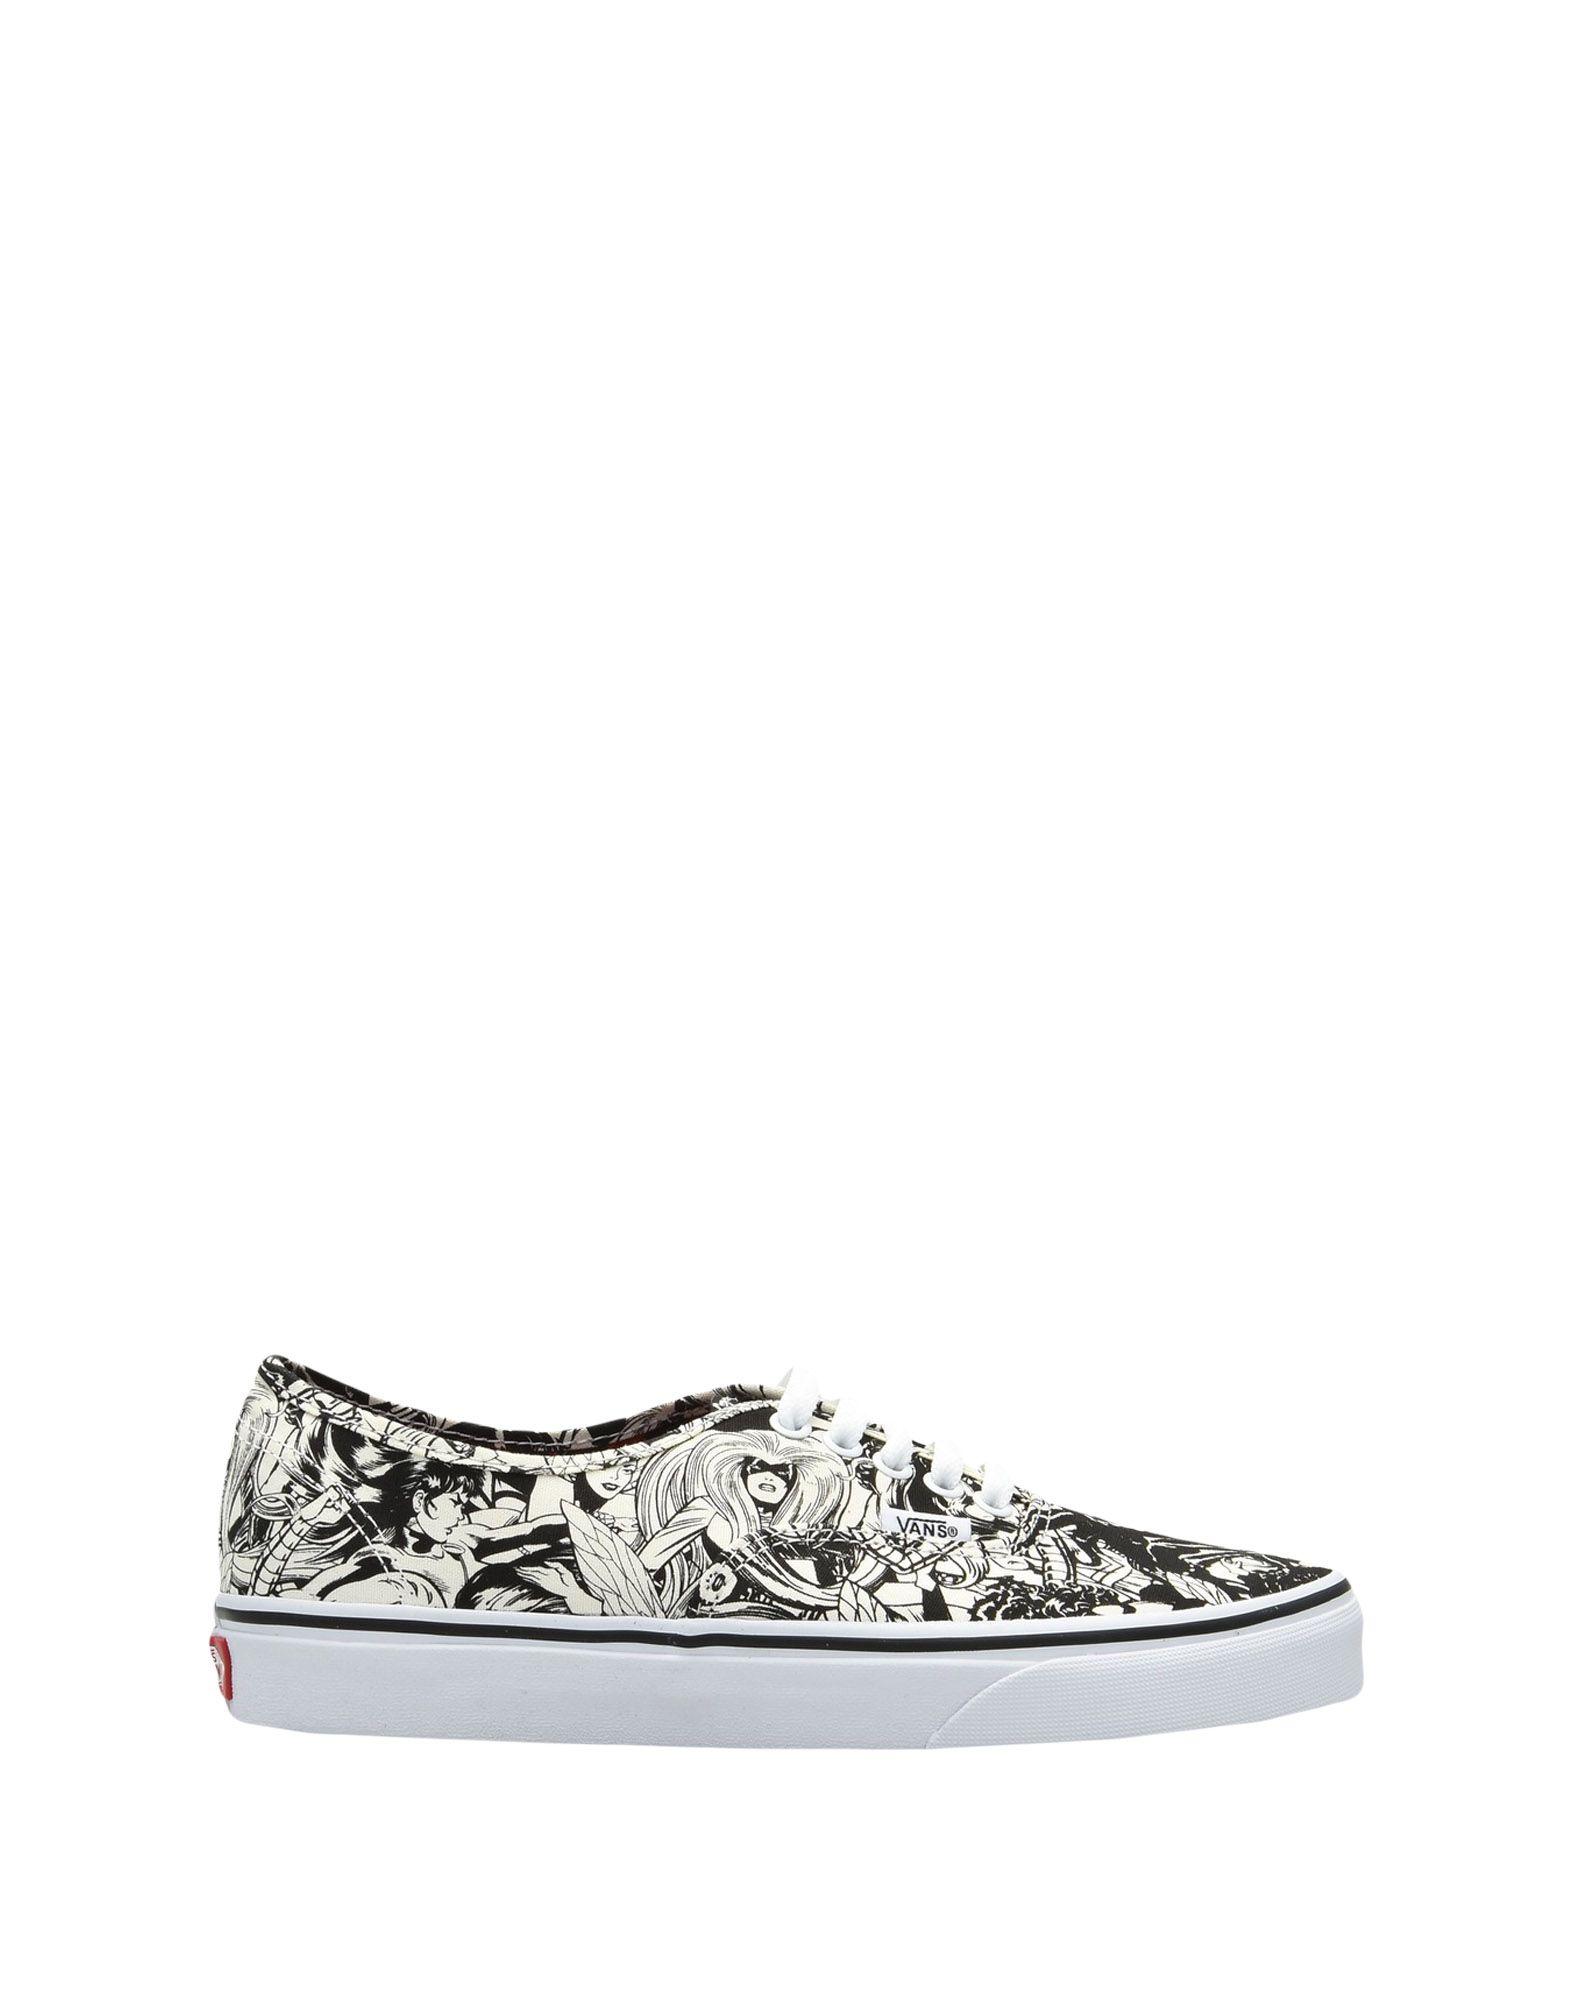 Vans Marvel Authentic  11497355WO 11497355WO 11497355WO Gute Qualität beliebte Schuhe e3d27a